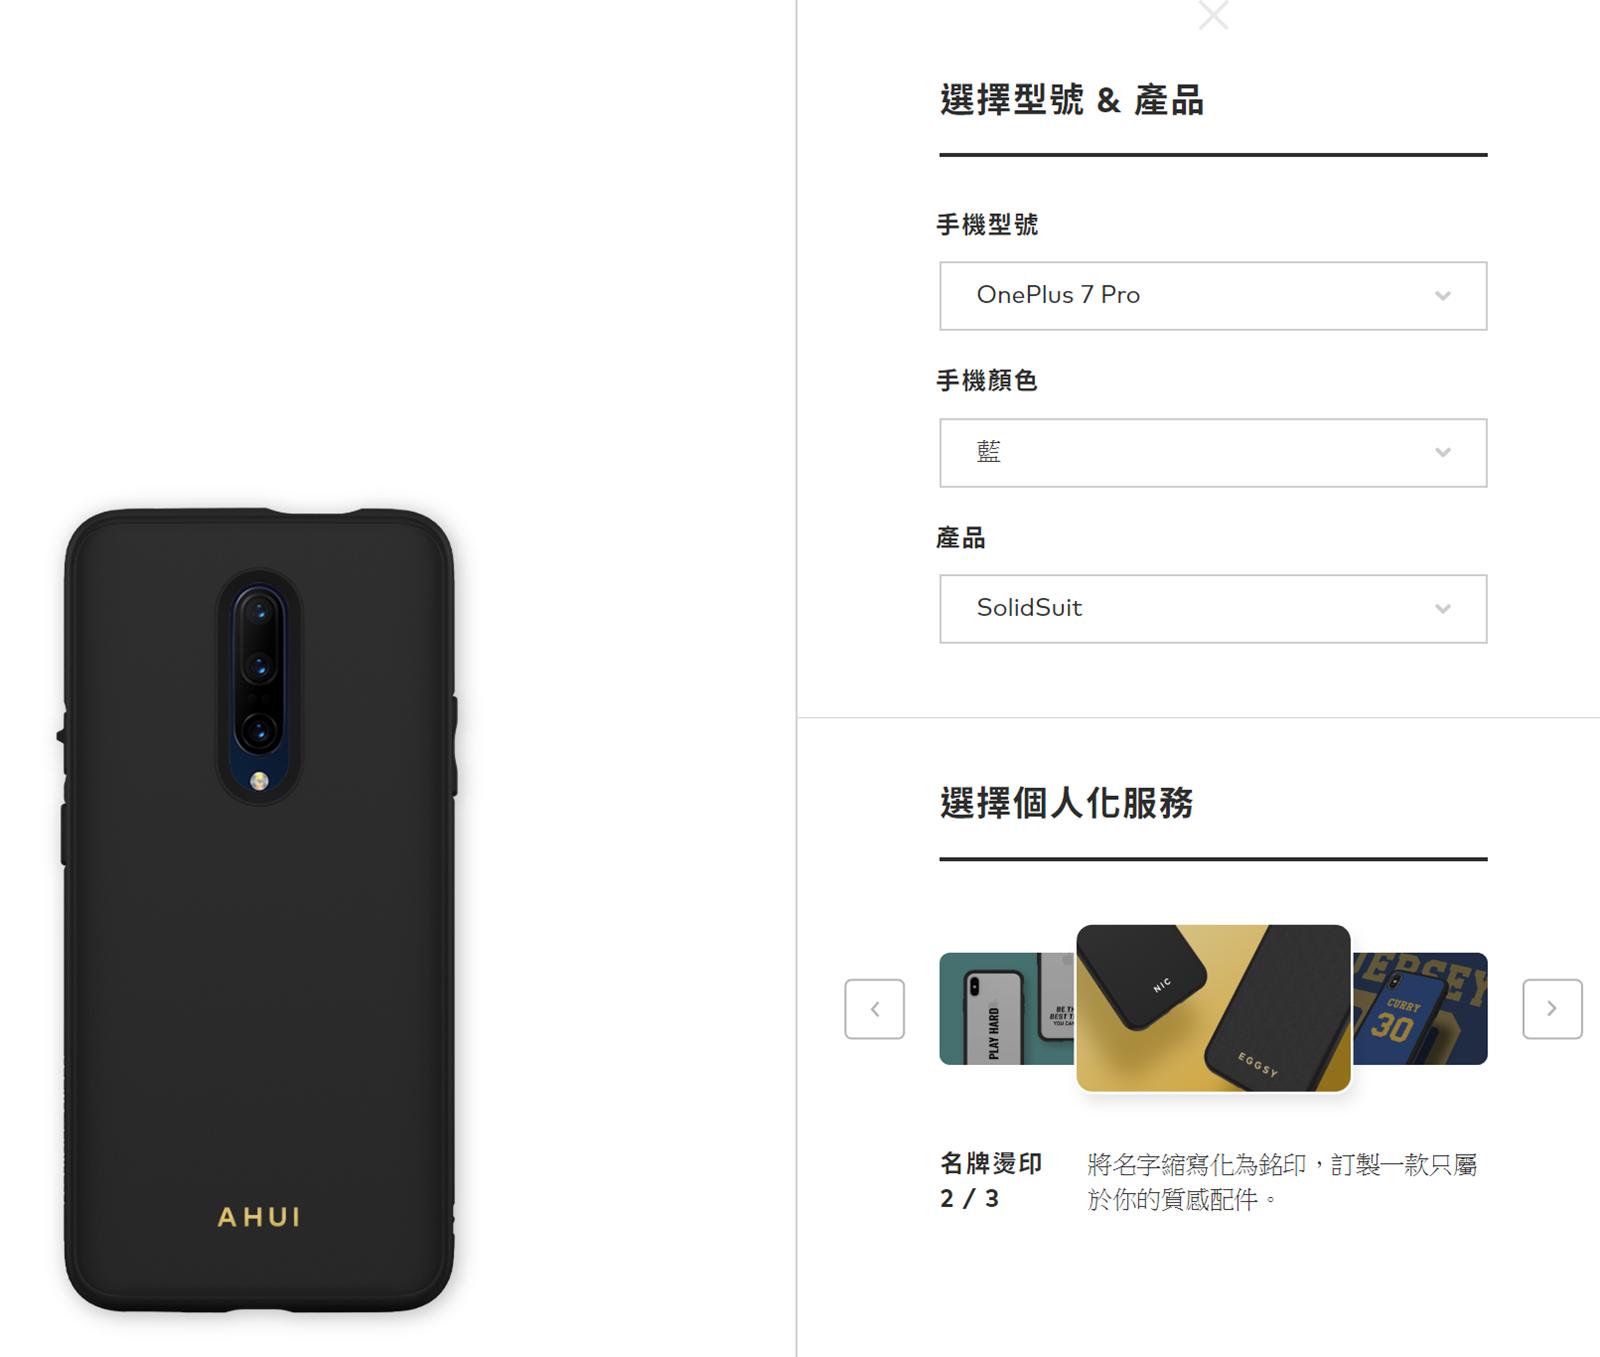 OnePlus 7 Pro 犀牛盾 SolidSuit 保護殼『個人化訂製保護殼』分享 @3C 達人廖阿輝